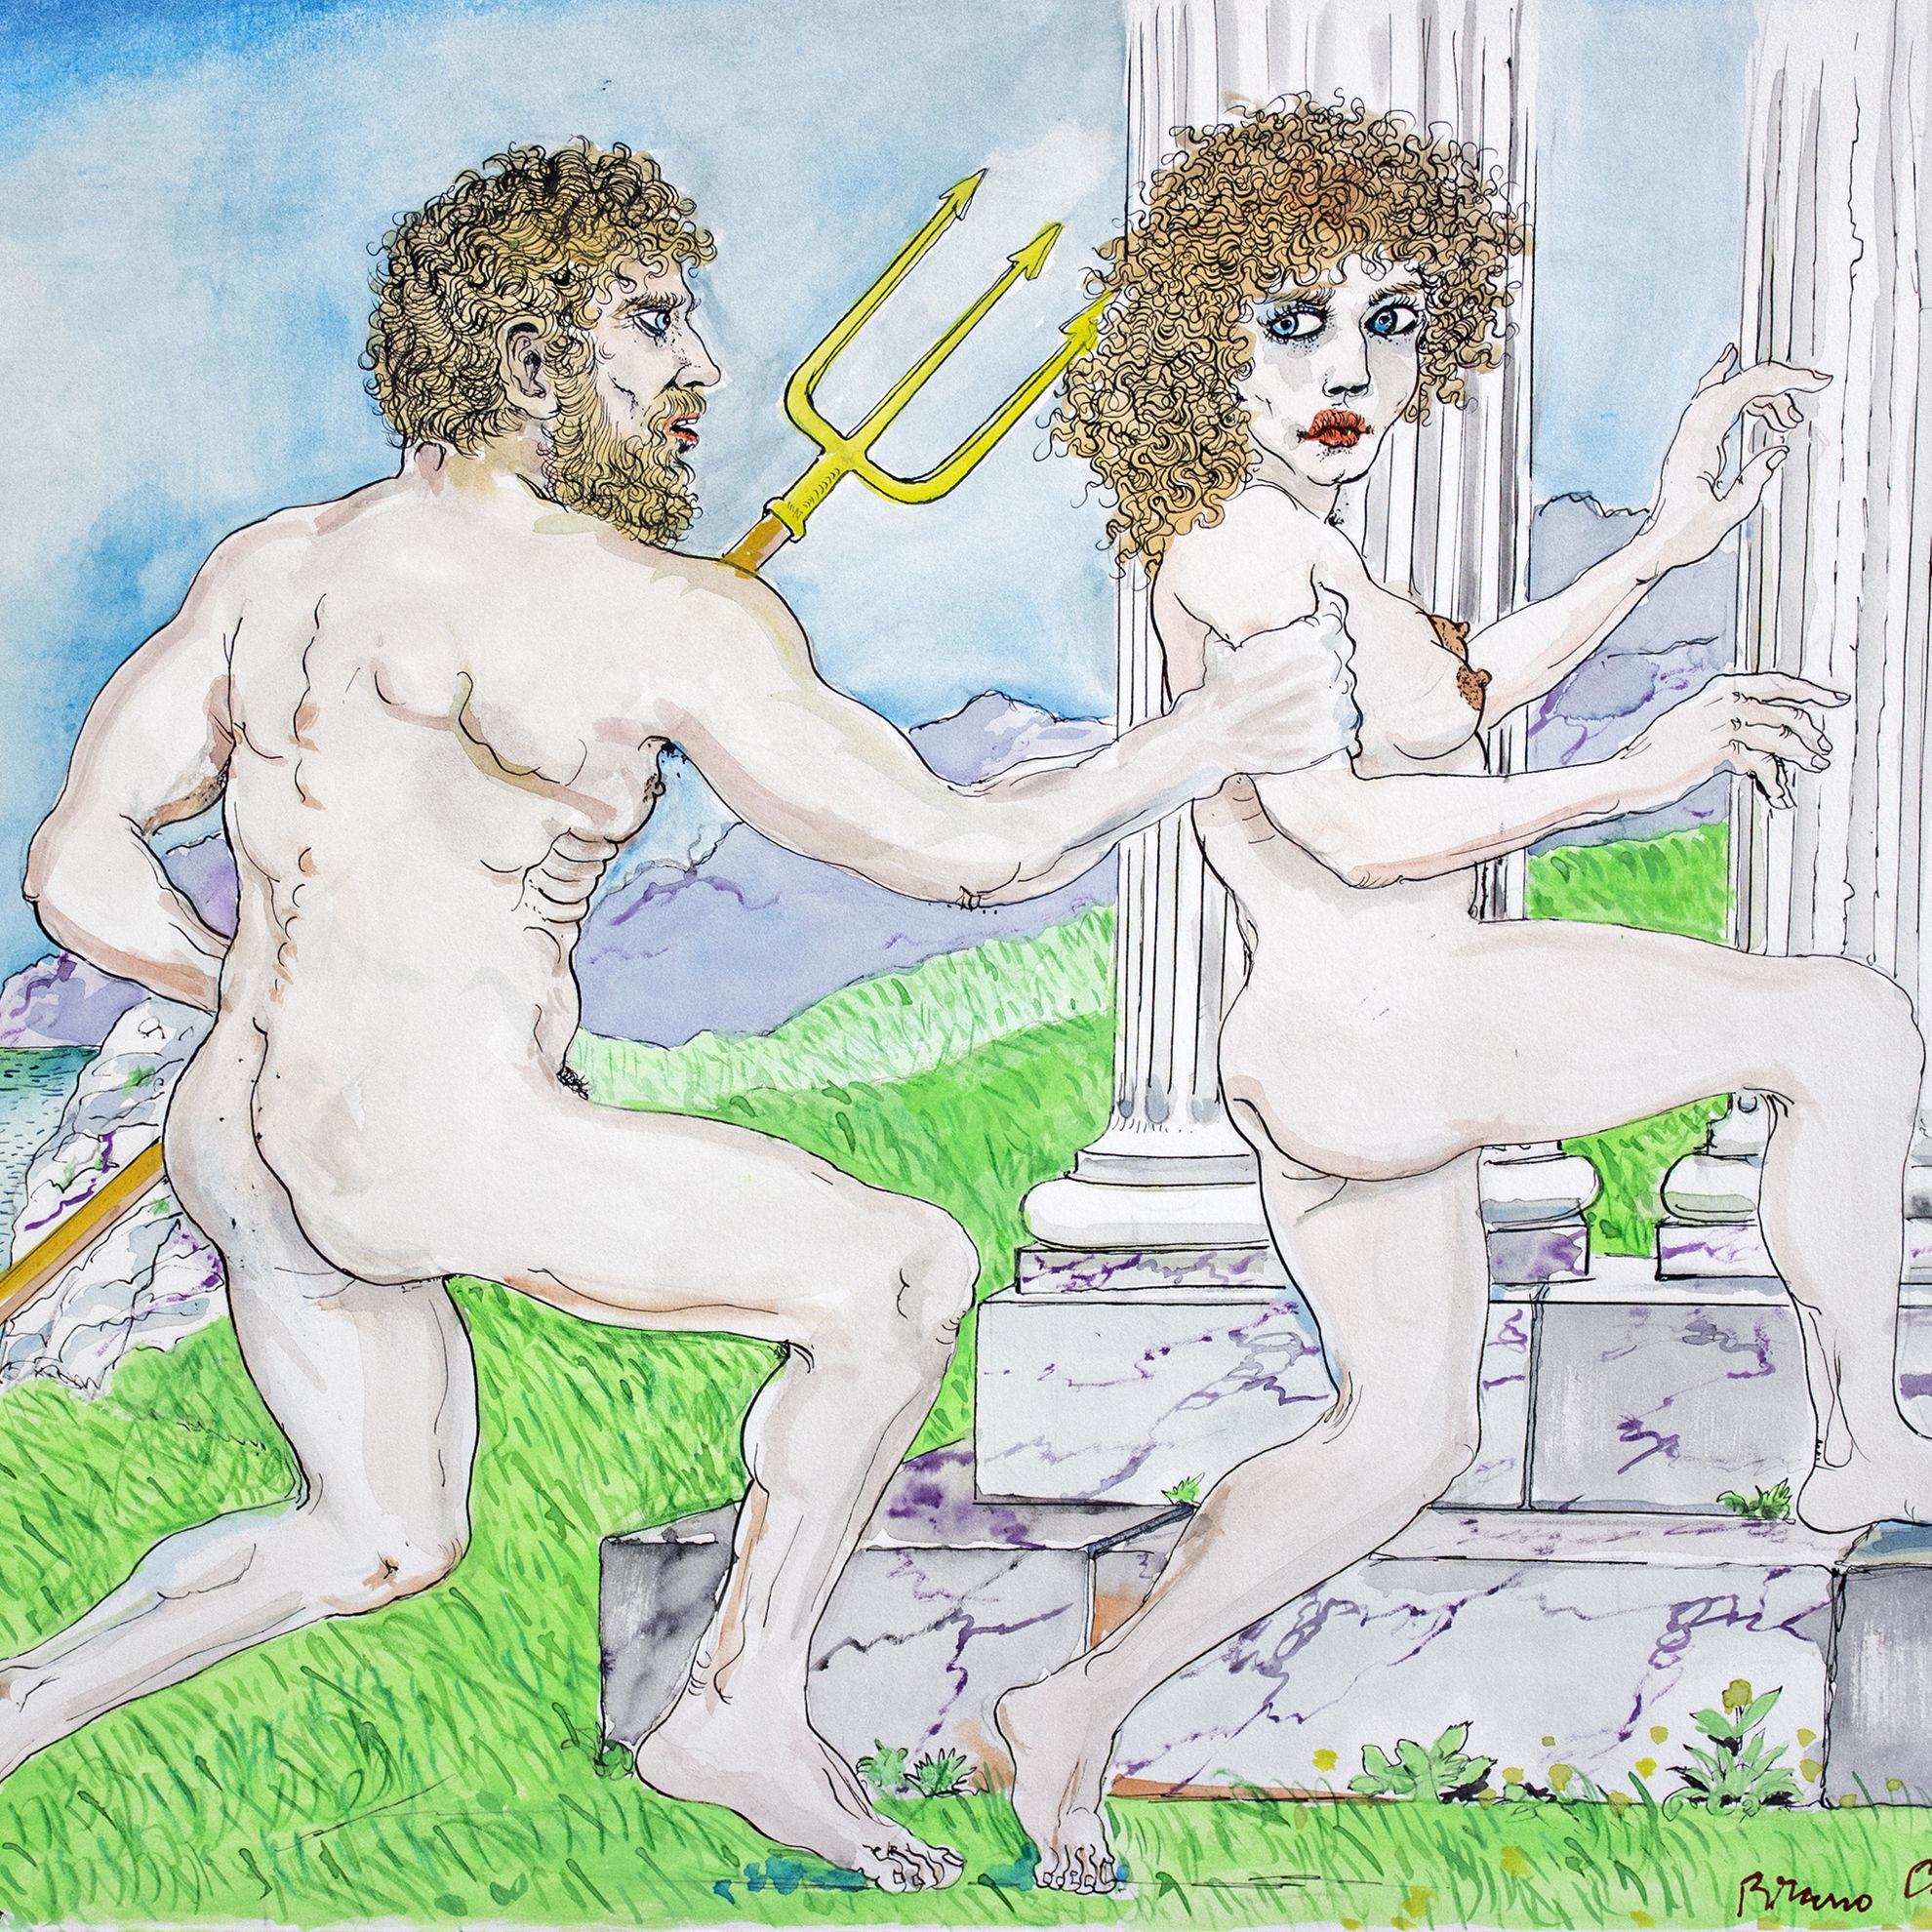 Immagine di Poseidone insidia Medusa